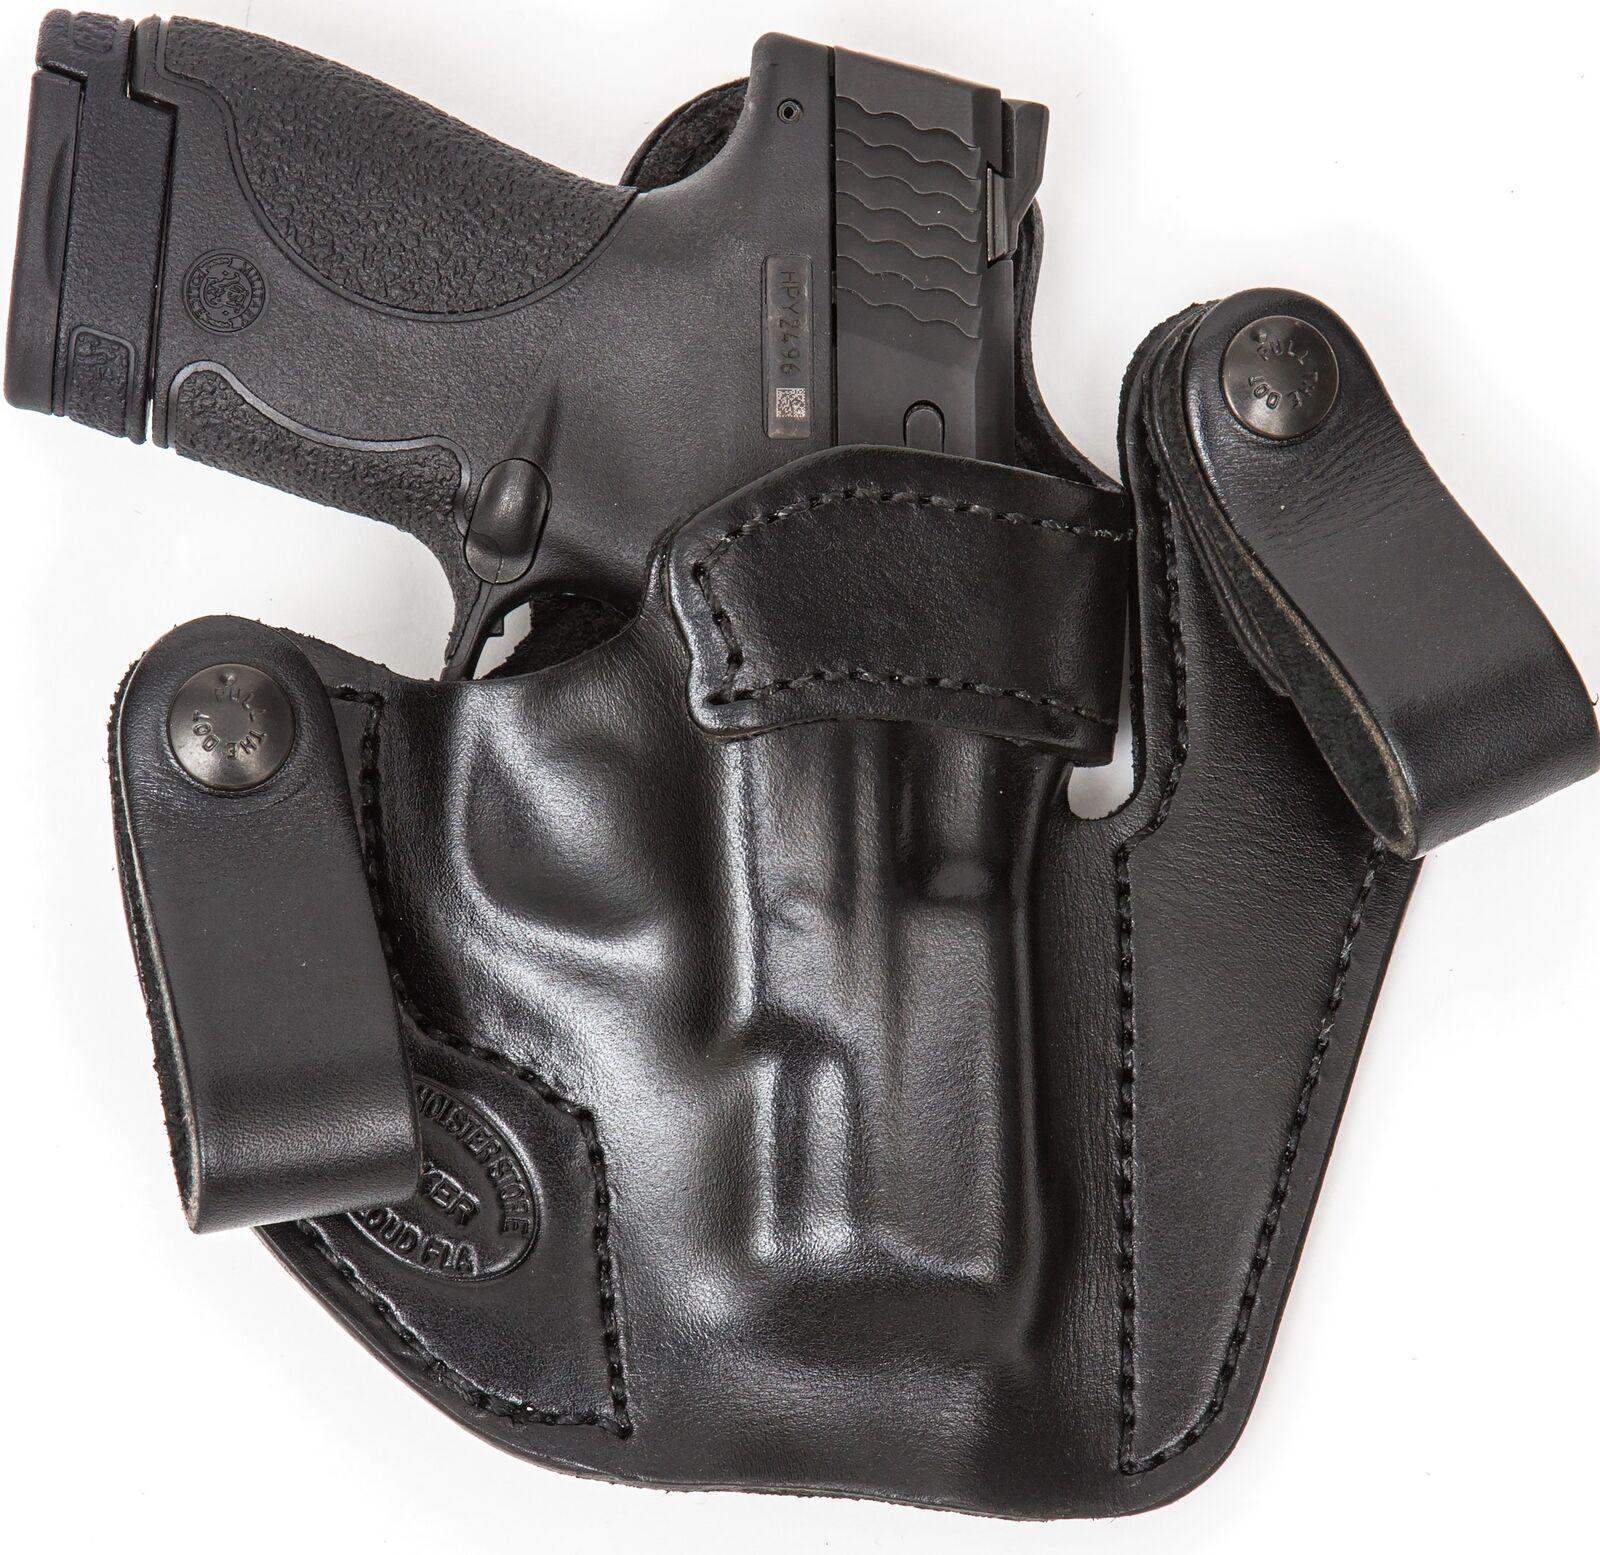 Xtreme llevar RH LH IWB Cuero Funda Pistola Para Glock 42 con Lasermax